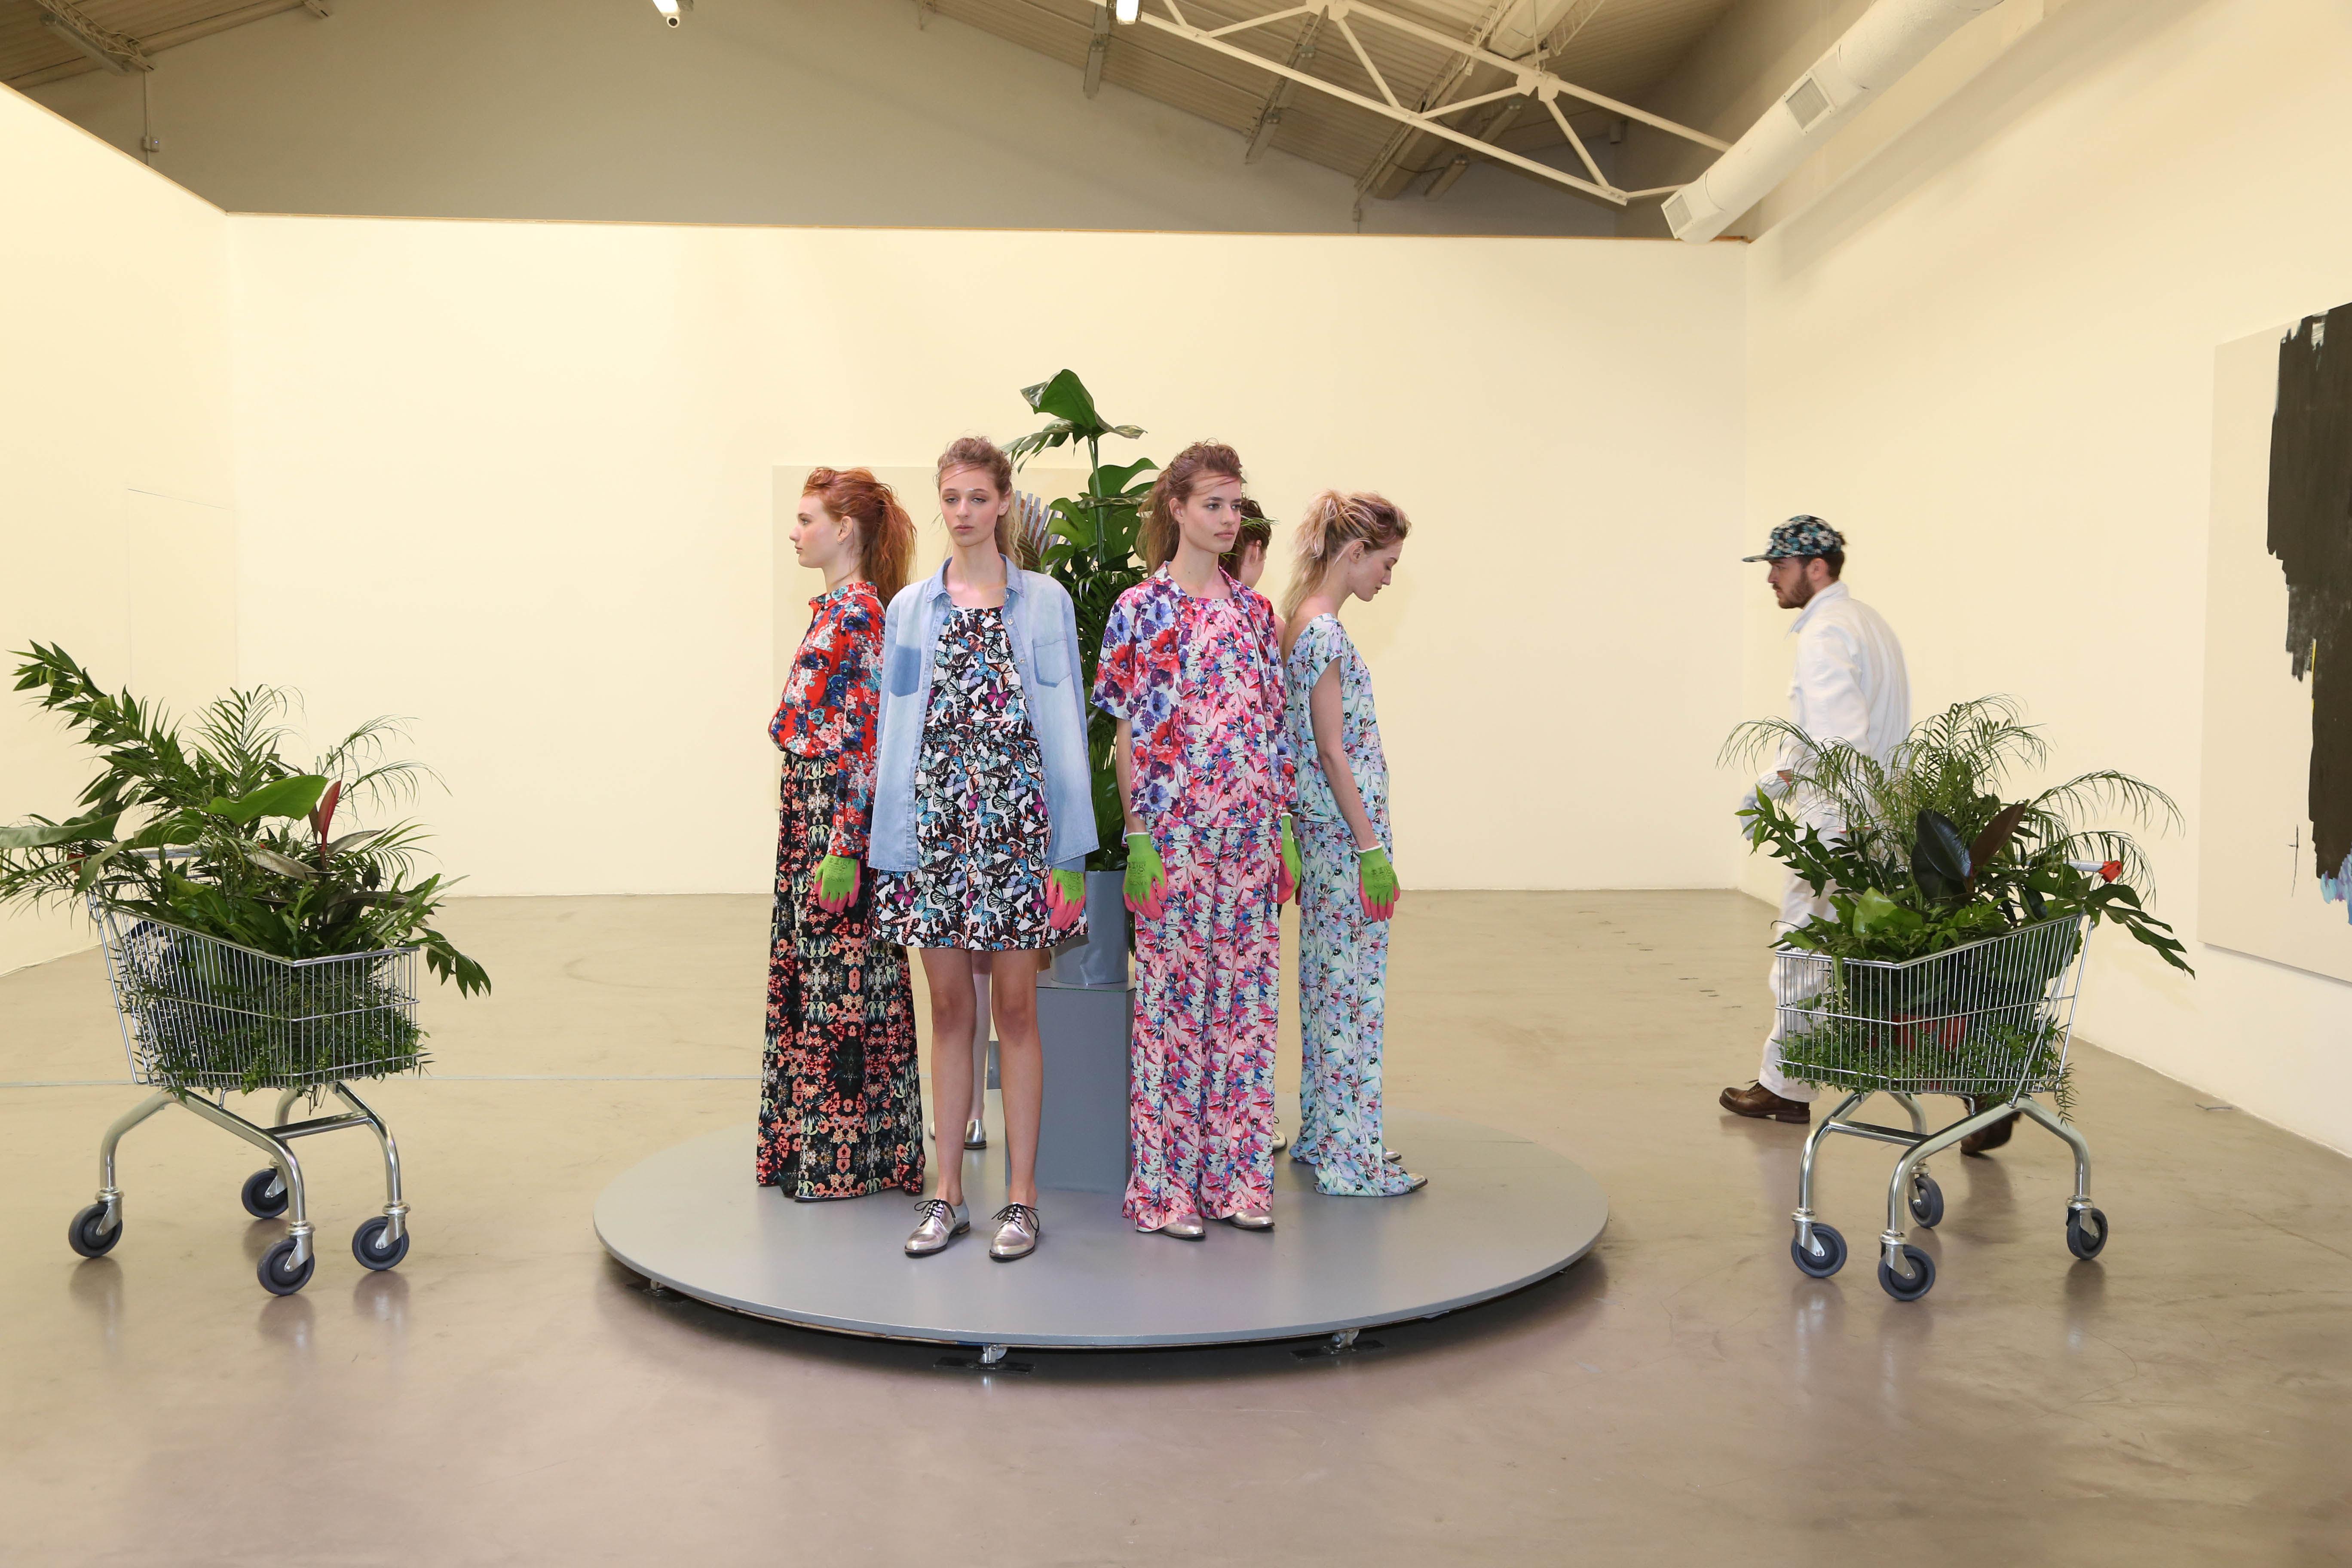 Lanzamiento koxis ss16 en la galeria de arte Ruth Benzacar (38)